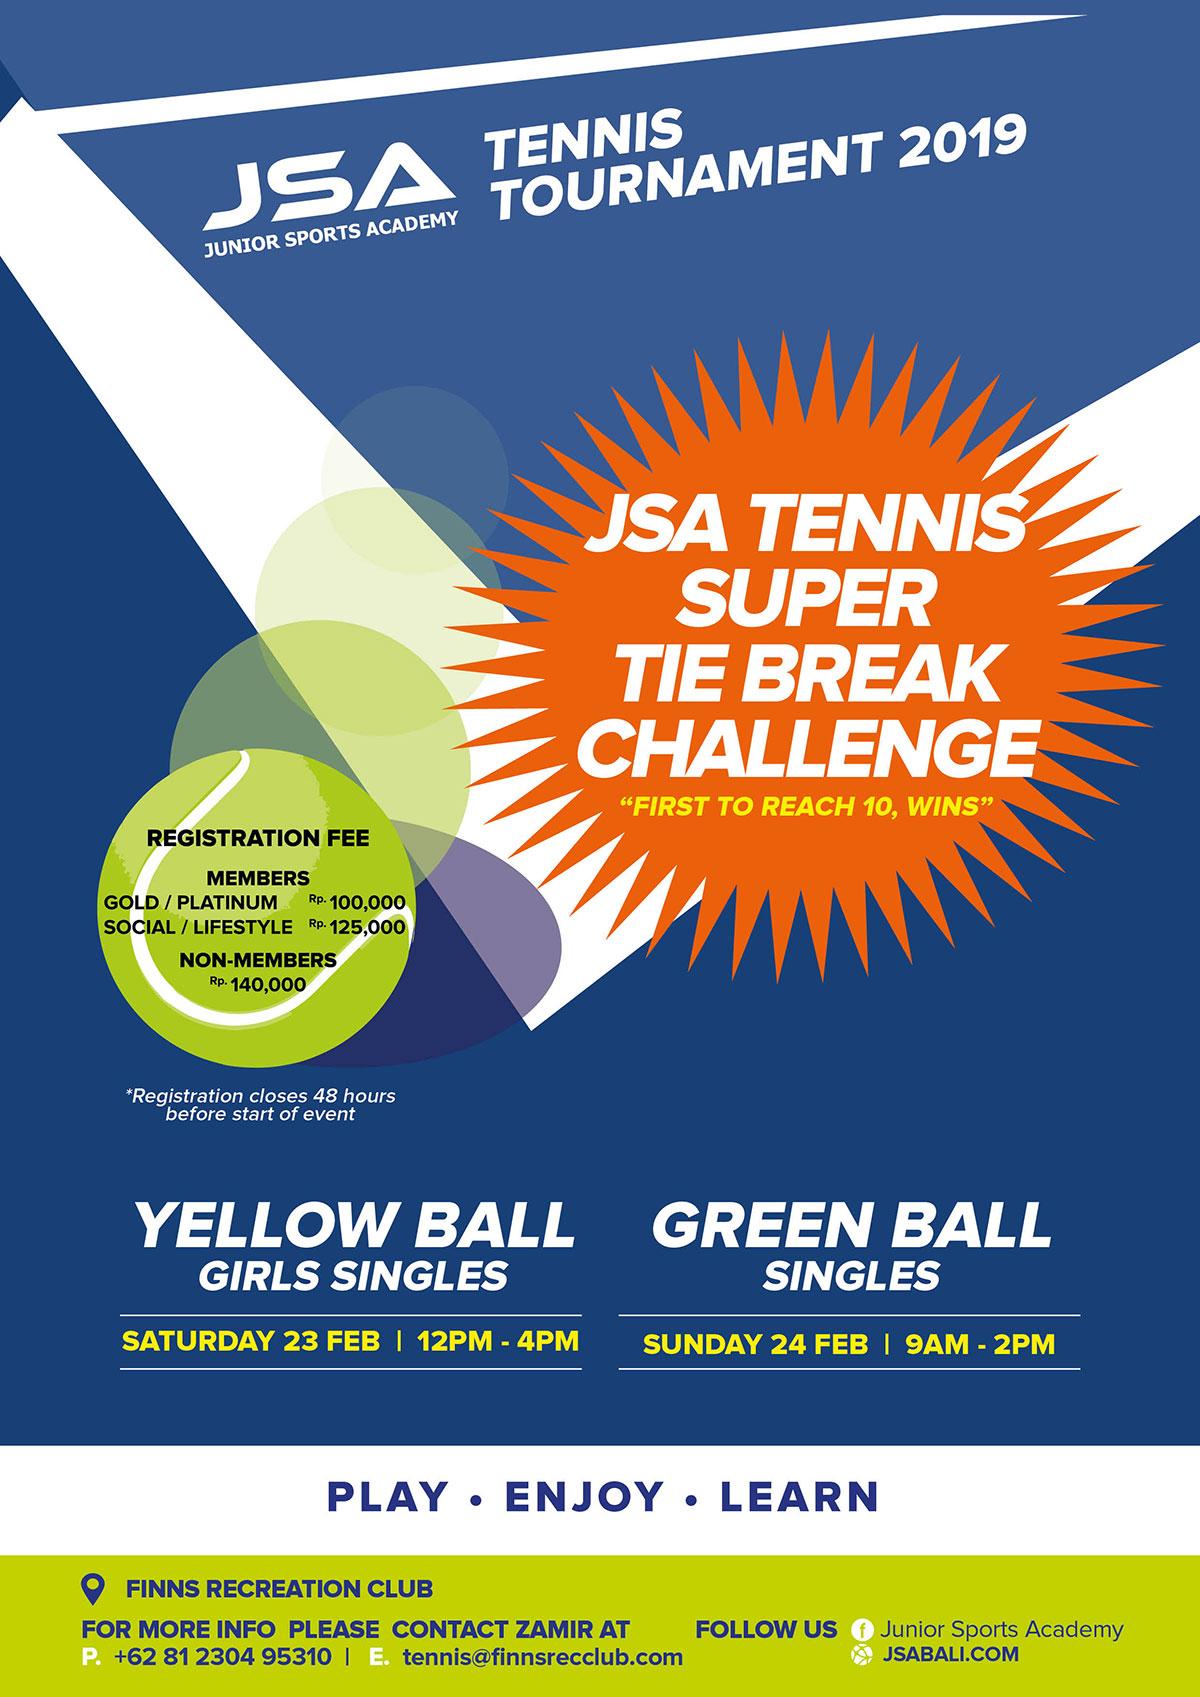 JSA Tennis Tie Break Challenge February